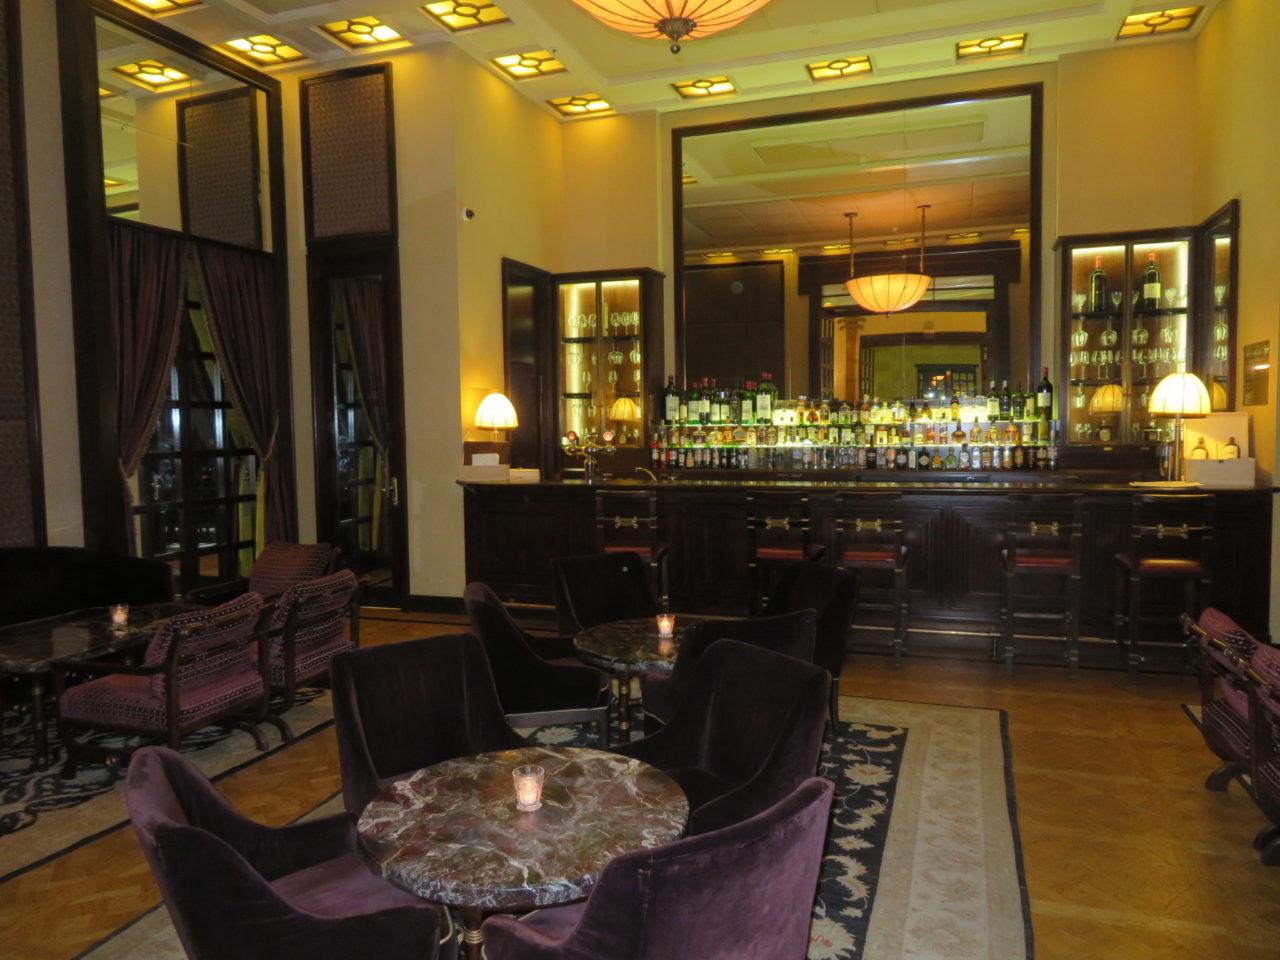 King David Hotel, Jerusalem Israel - The Lobby Bar